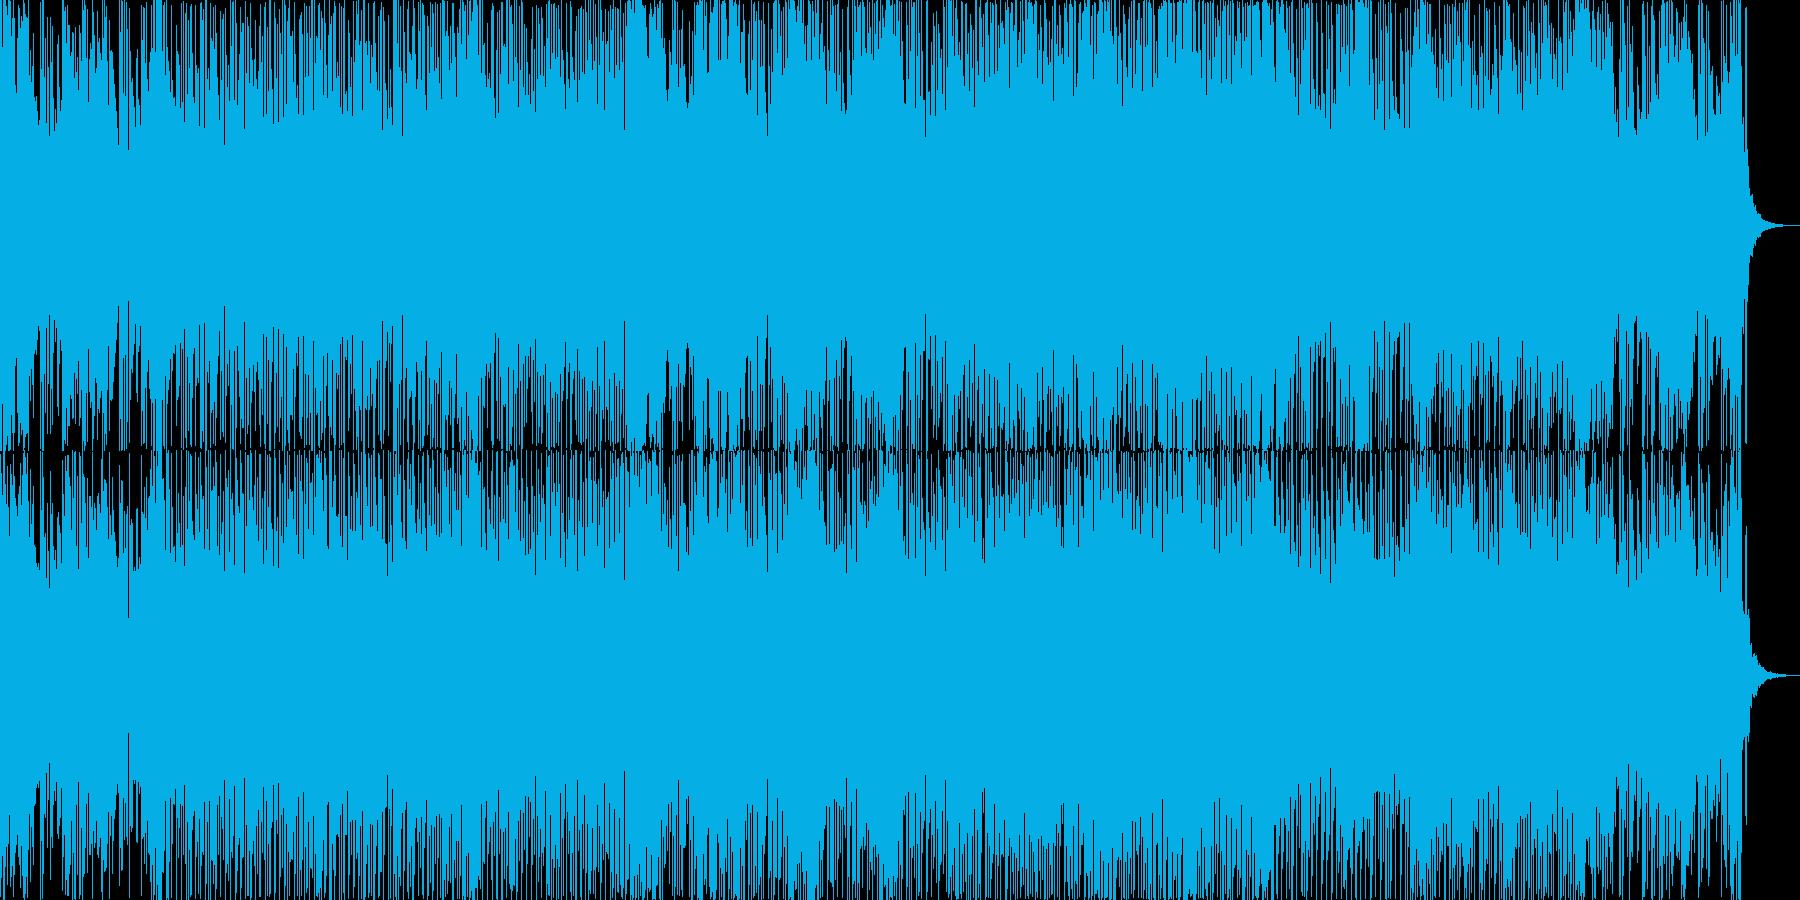 和風ゲーム音楽・BGMの再生済みの波形